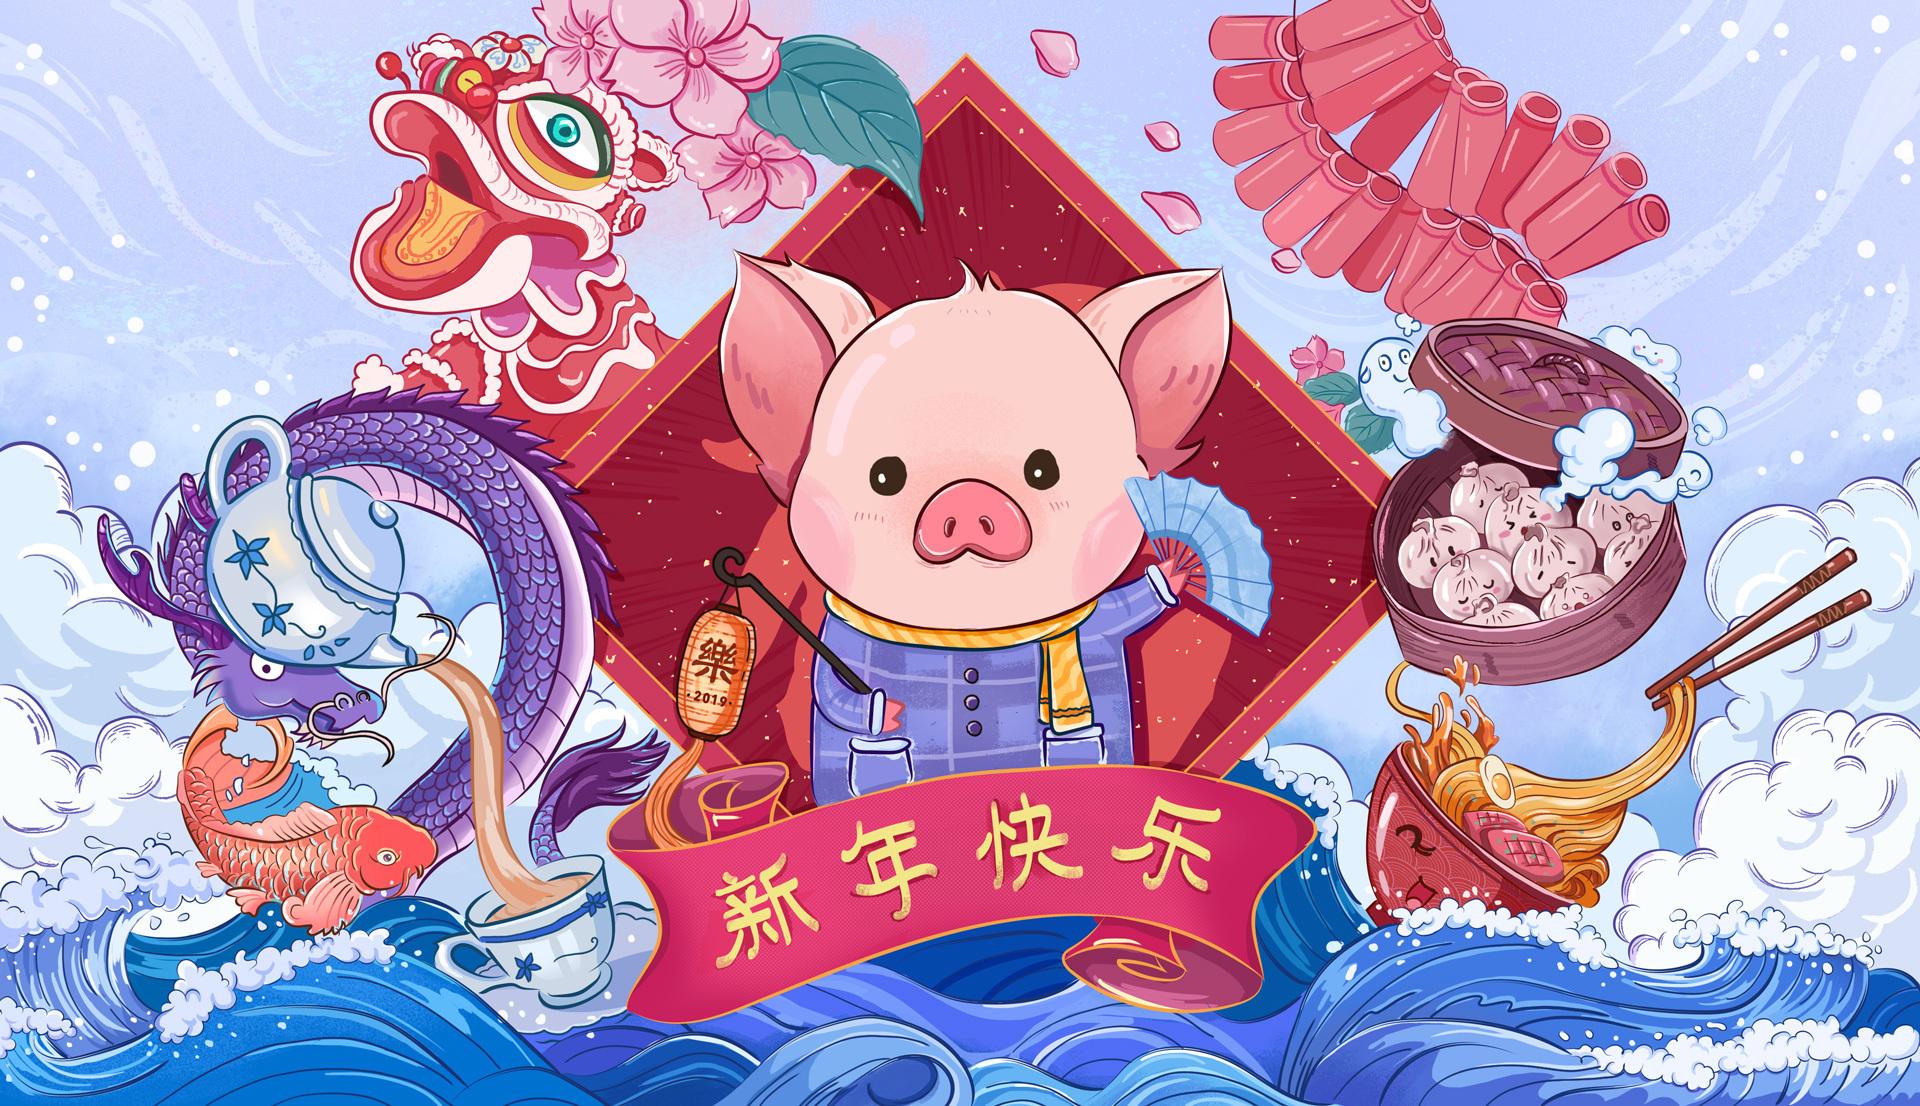 儿童创意猪年画